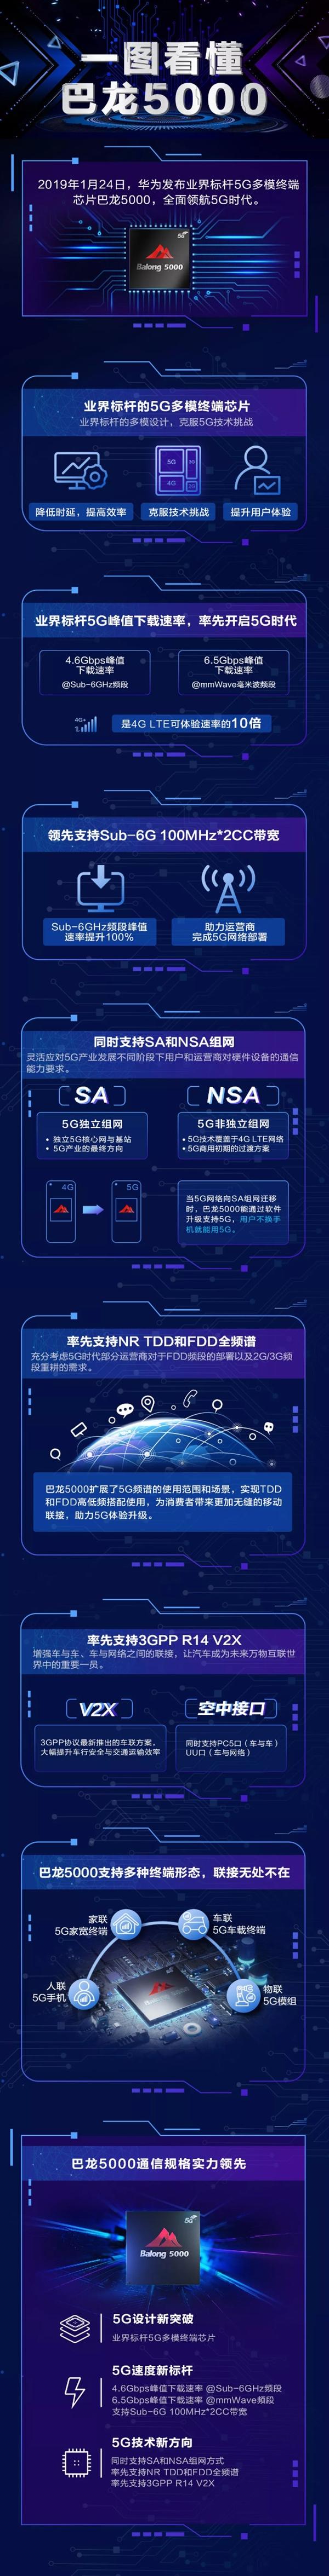 全球最快5G基带芯片!华为巴龙5000有多强?一张图看懂